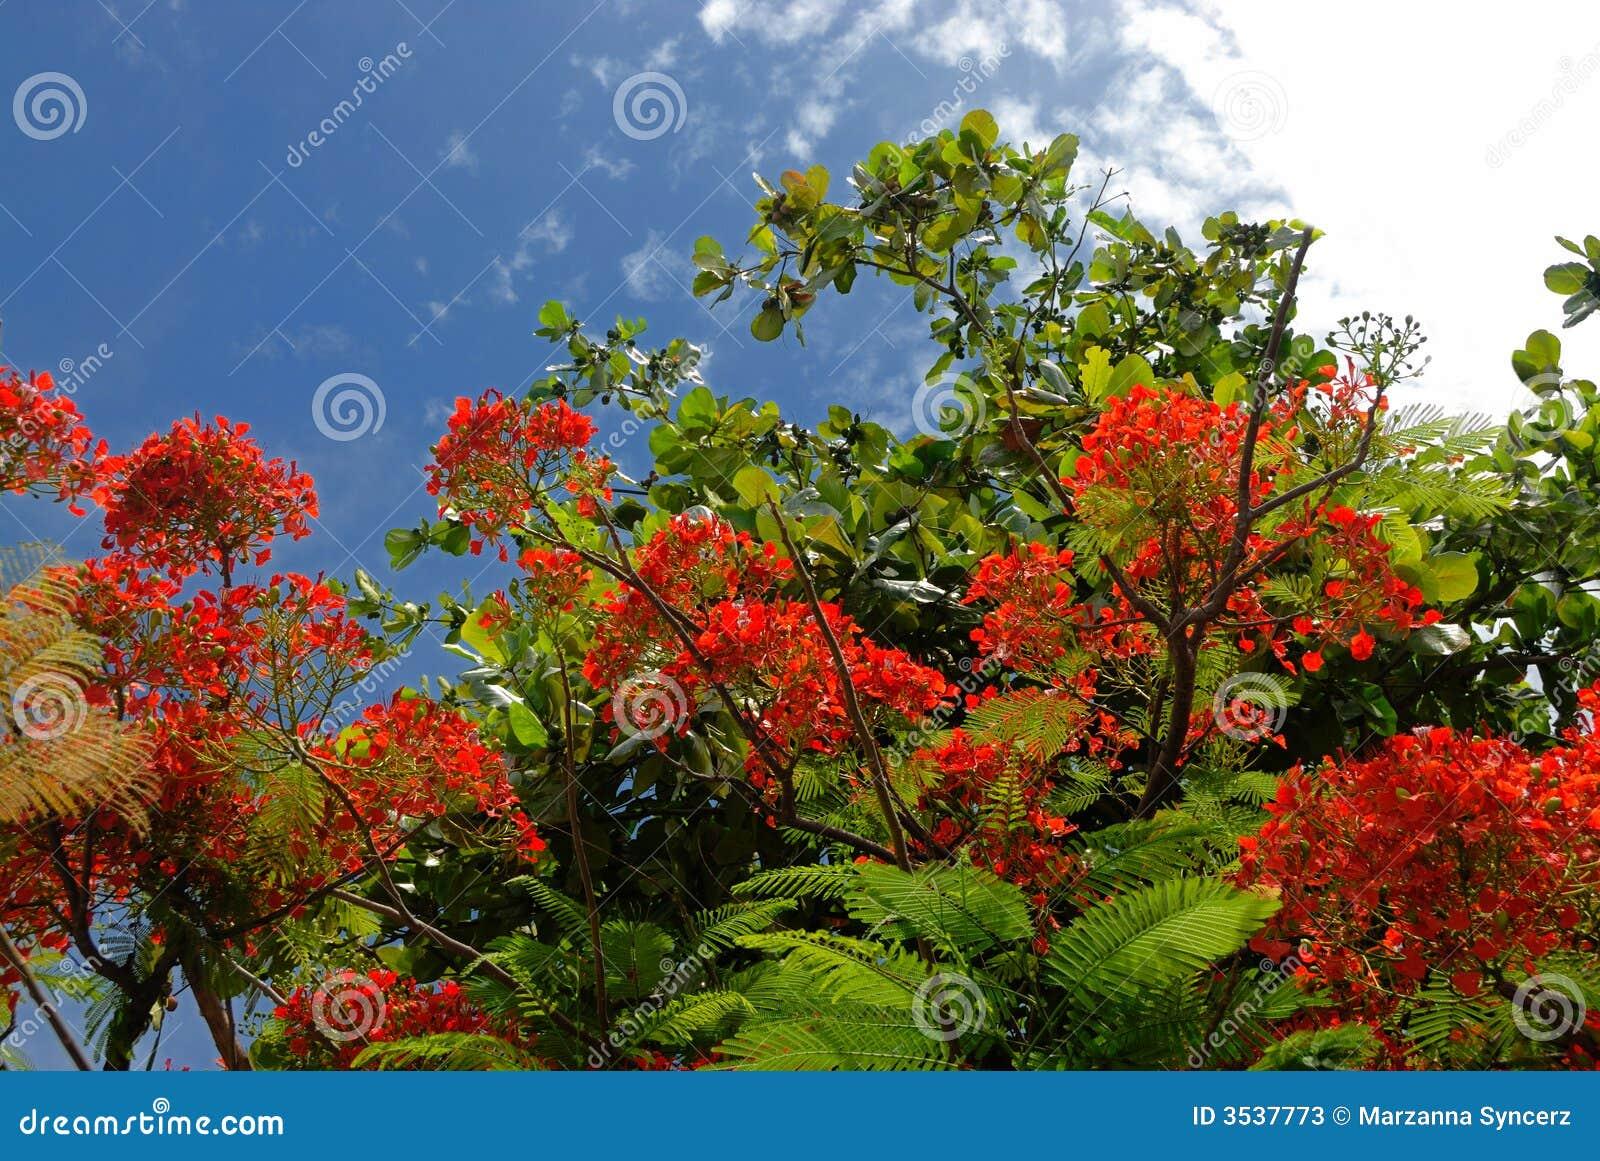 Albero con i fiori rossi fotografie stock immagine 3537773 for Albero con fiori blu